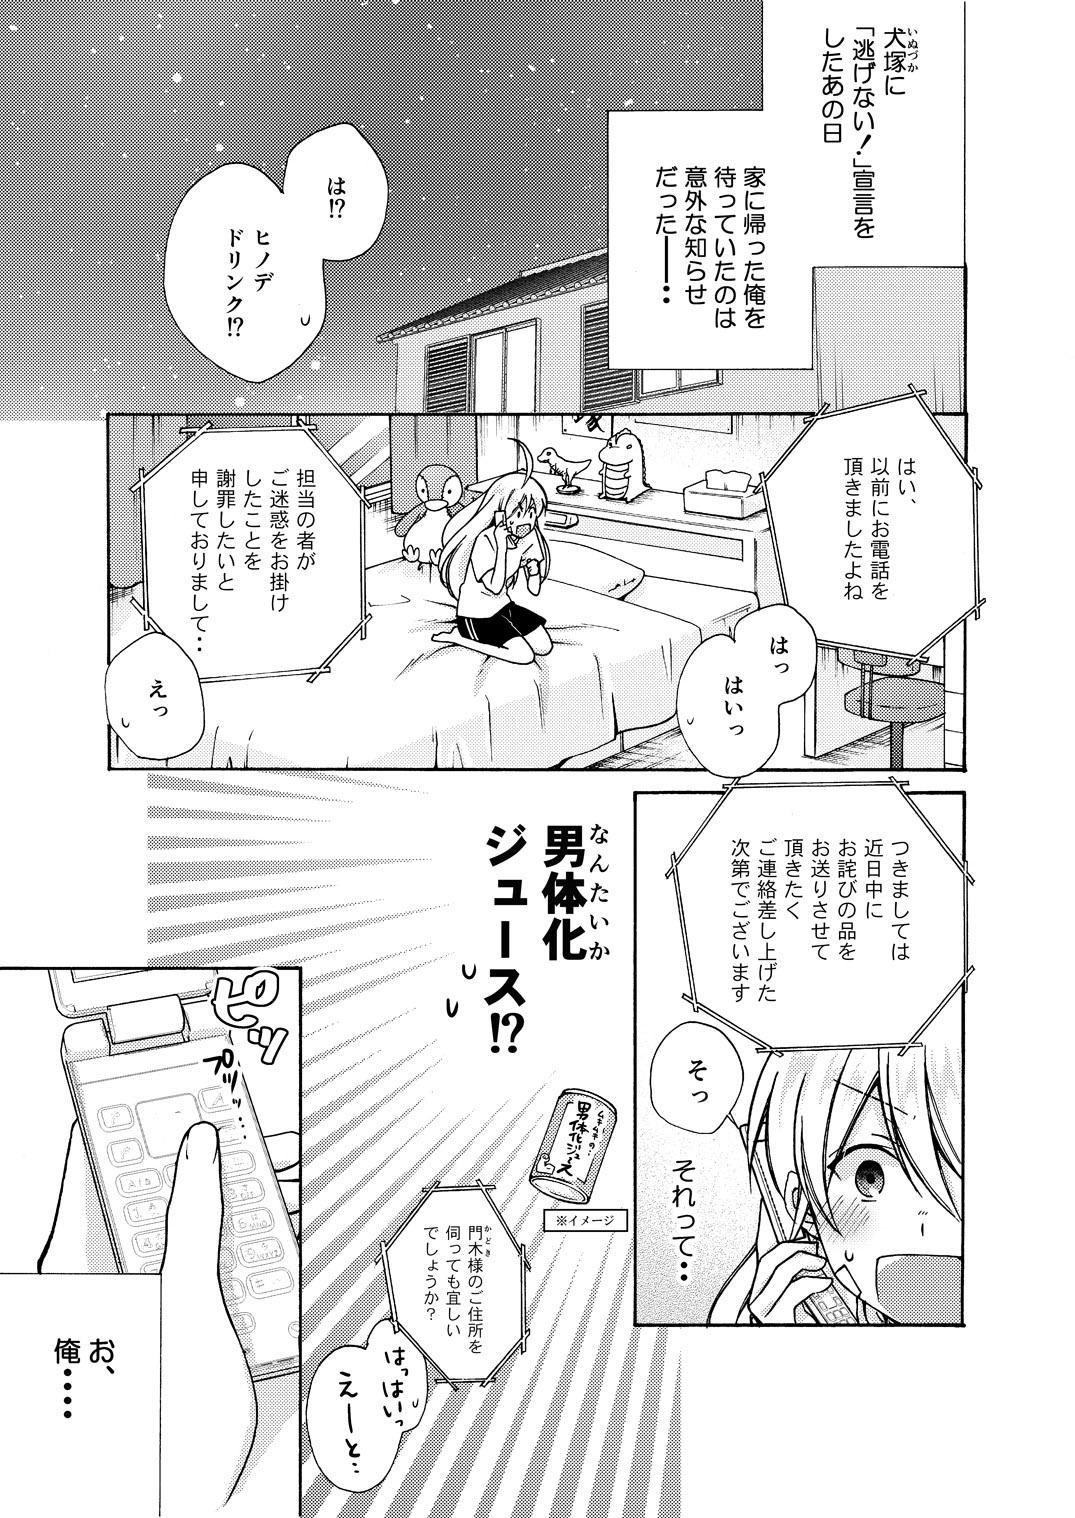 Nyotaika Yankee Gakuen ☆ Ore no Hajimete, Nerawaretemasu. 9 1